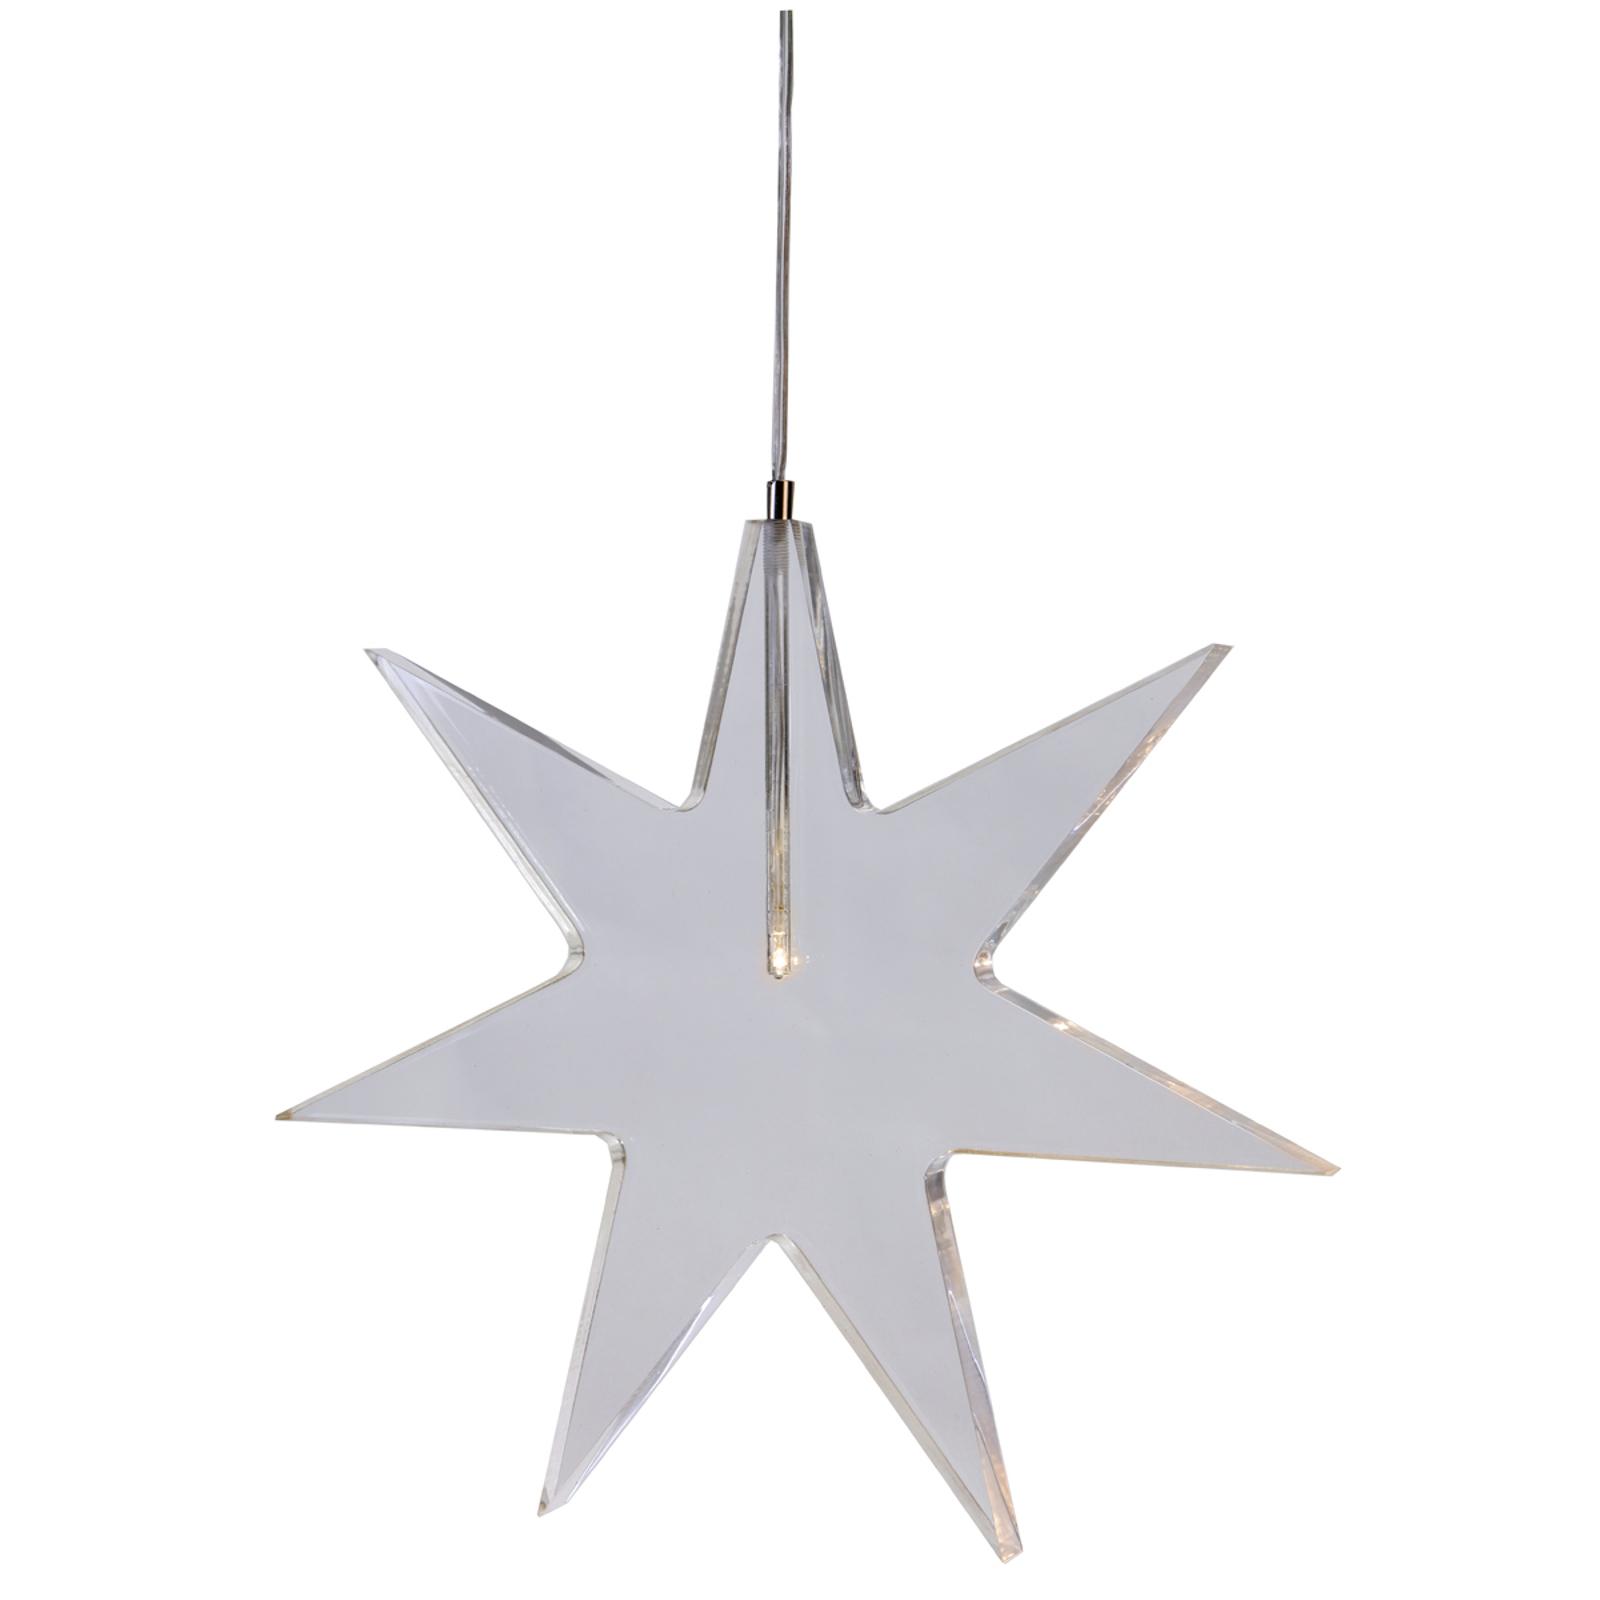 Průhledná LED hvězda - dekorativní lampa Karla